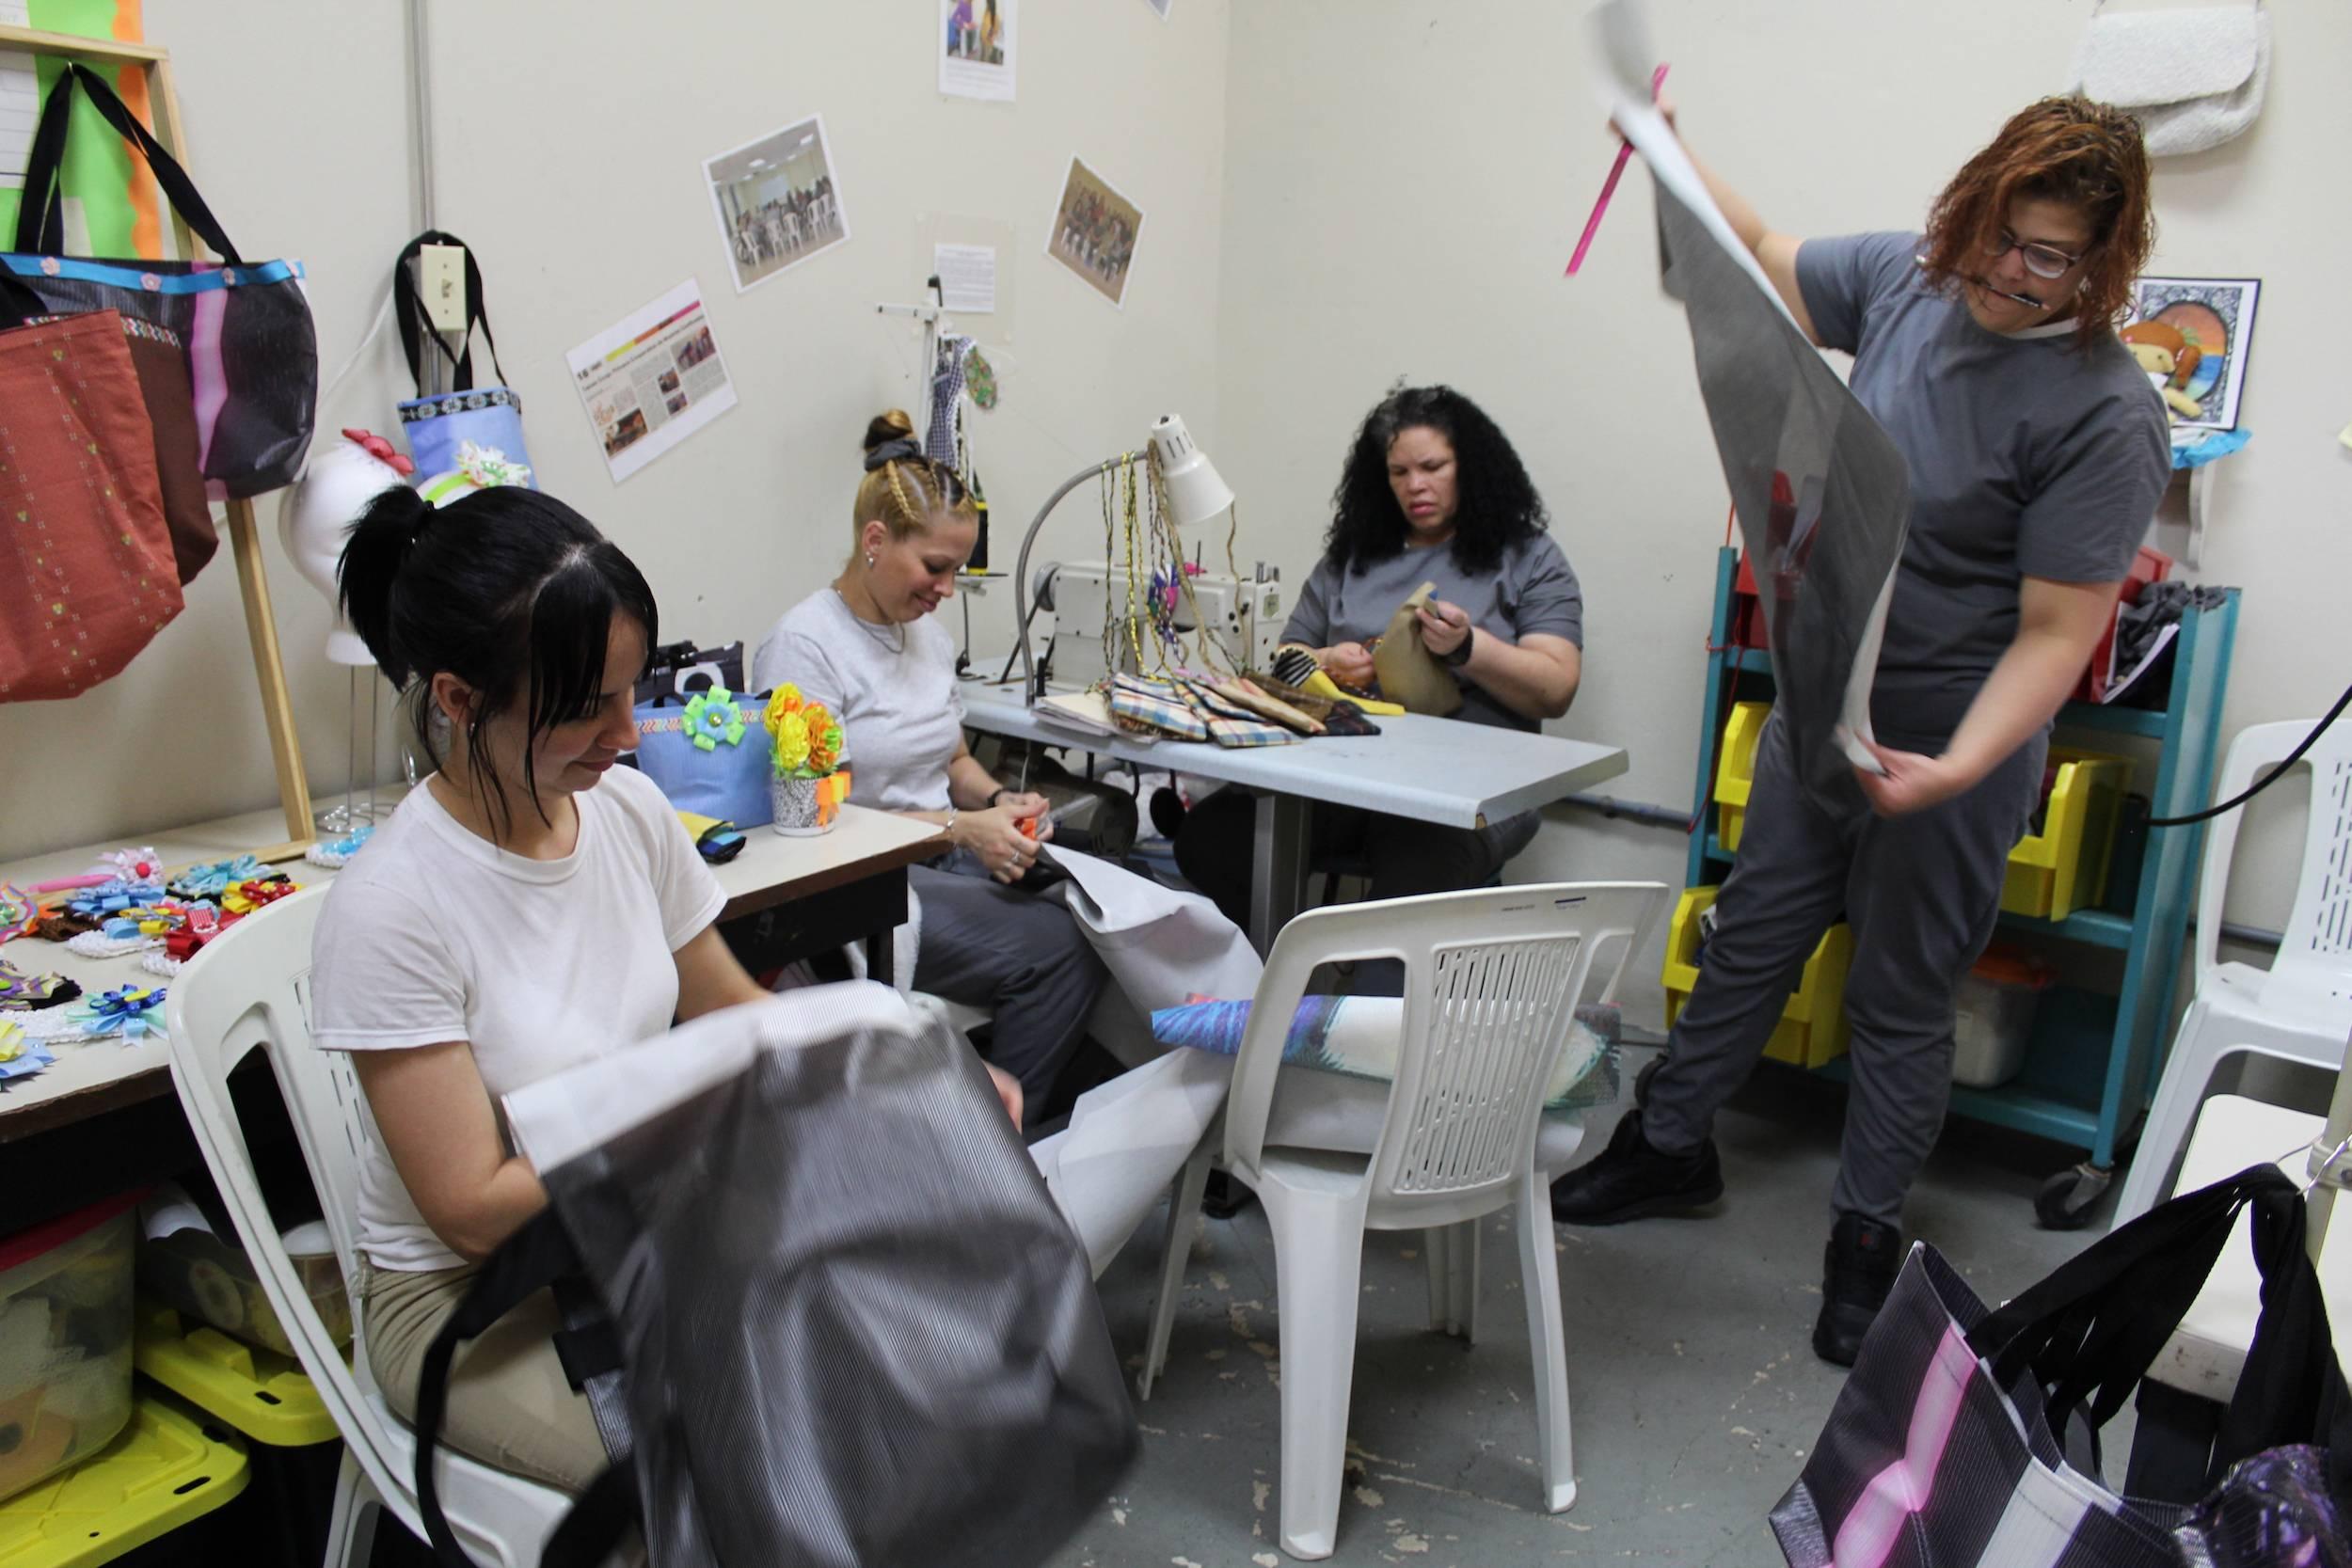 Socias de la Cooperativa Taínas trabajan en la confección de bolsos reusables en el taller. / Foto: David Cordero Mercado